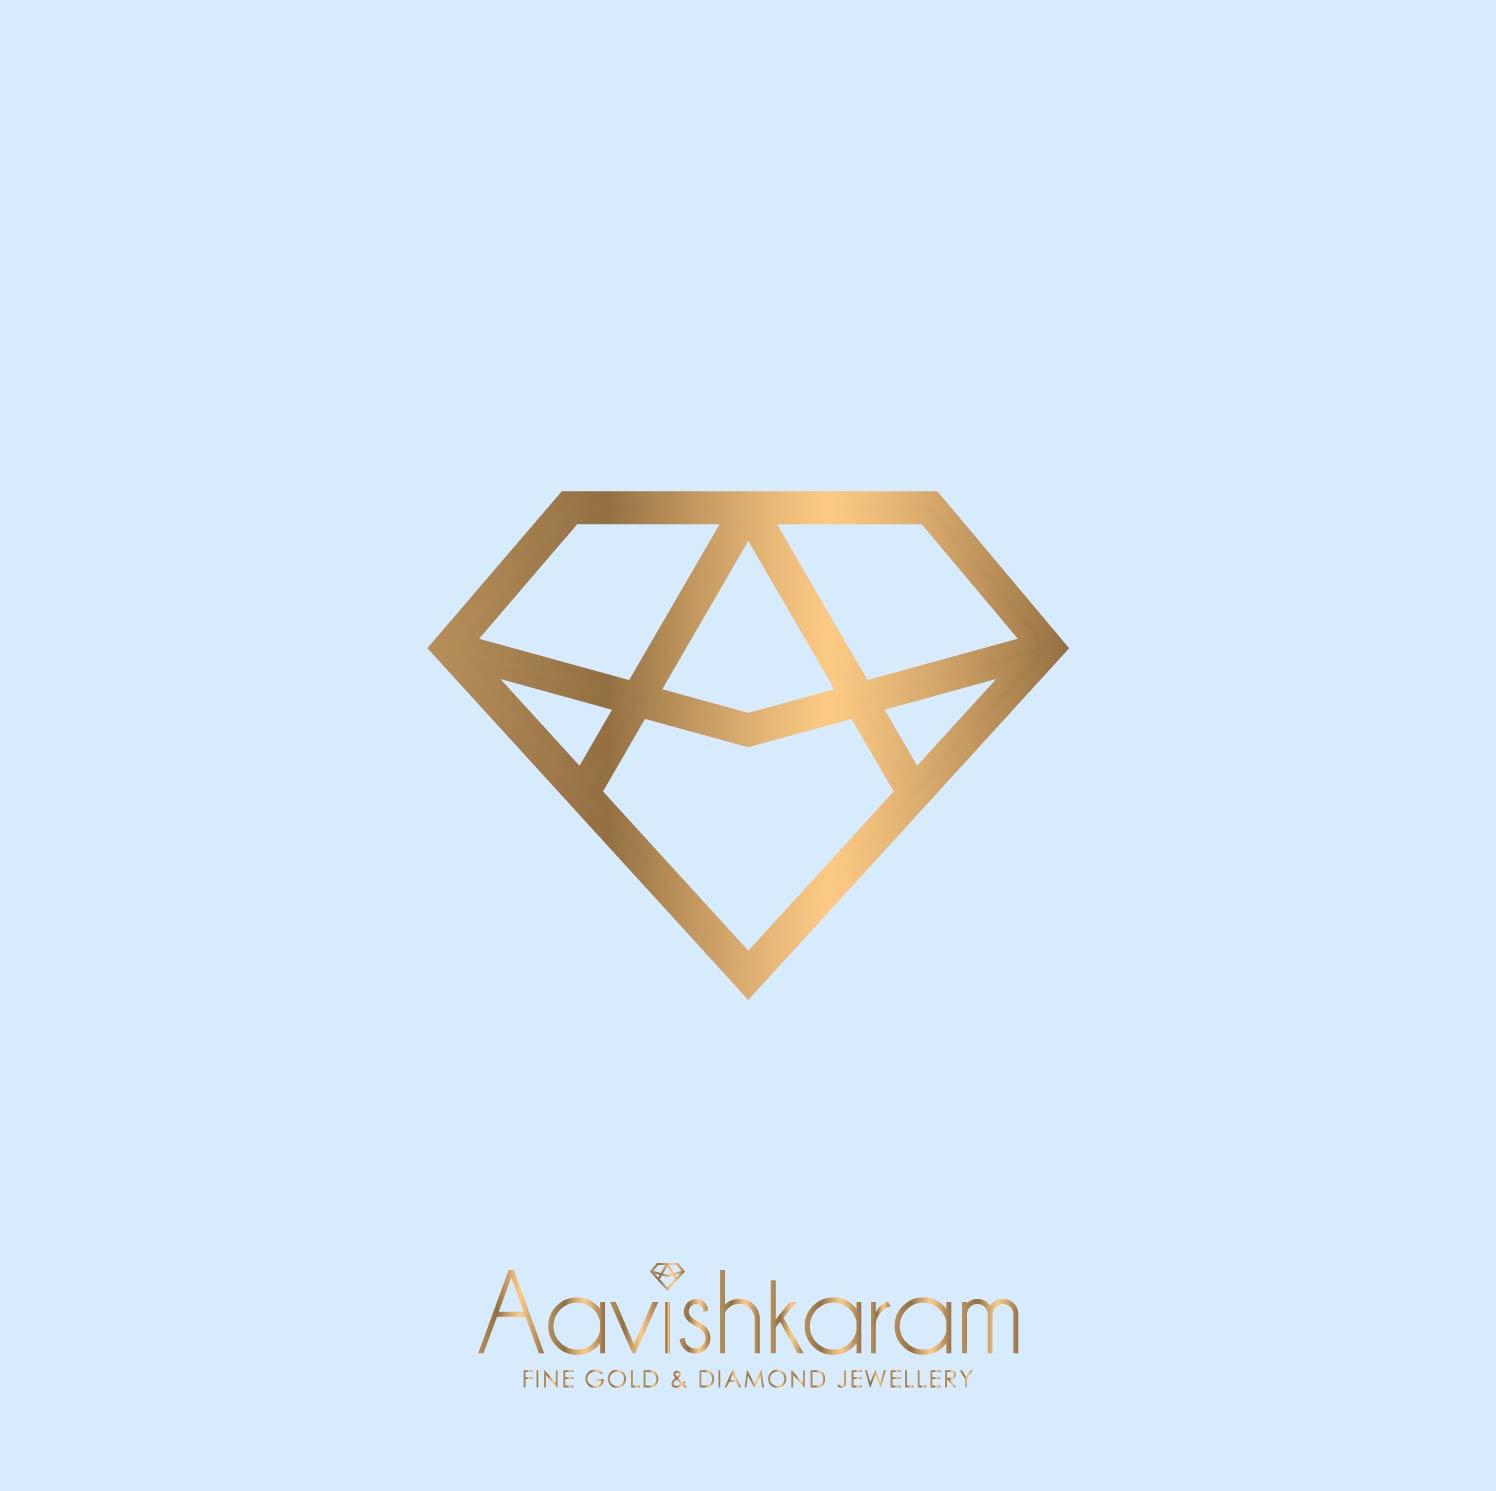 Aavishkaram Logo